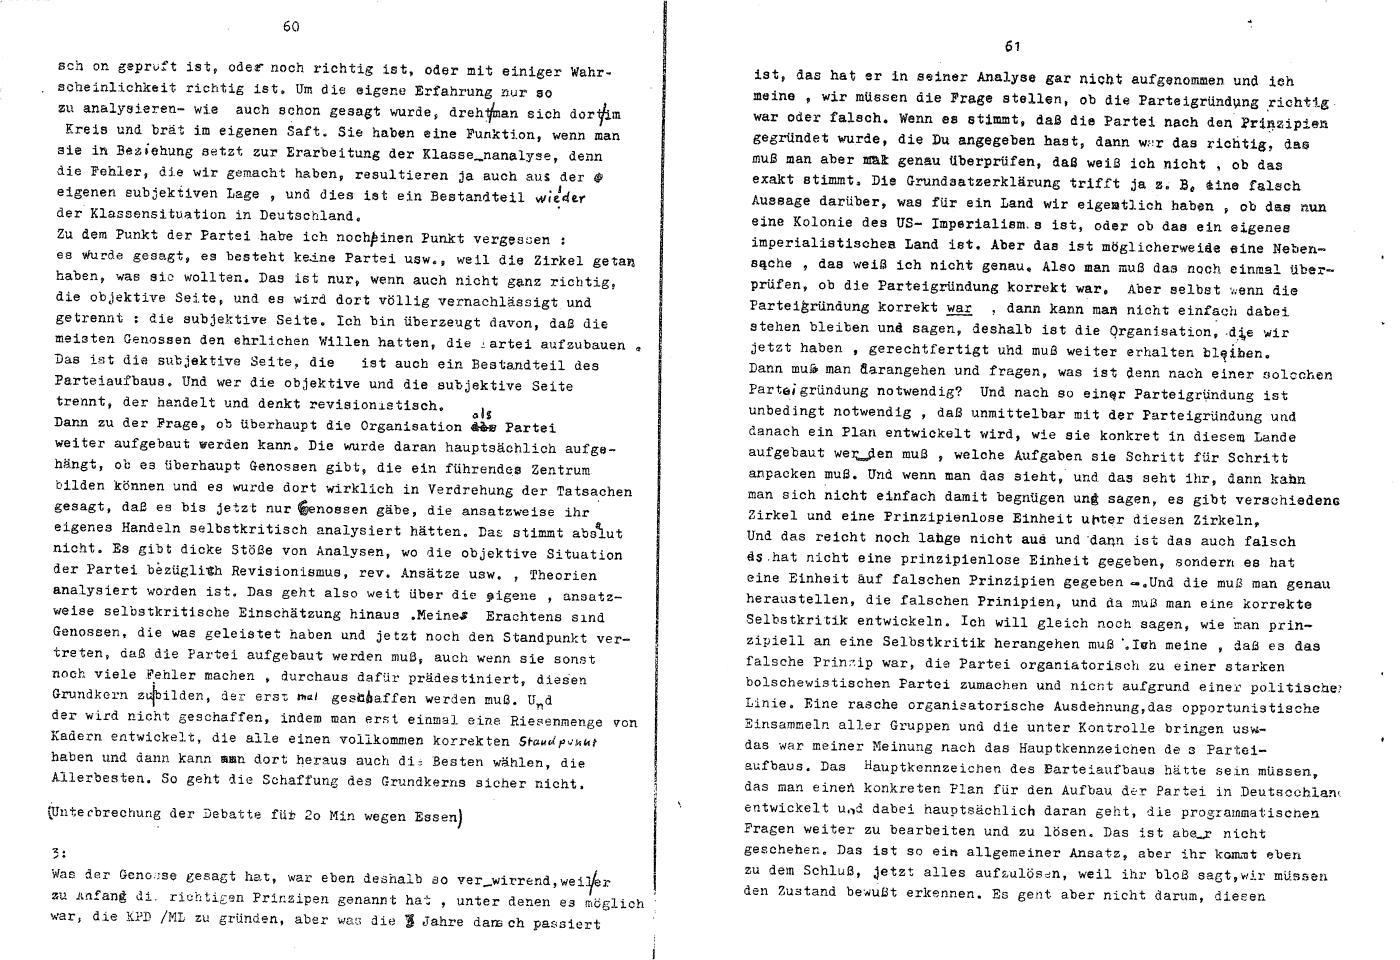 KPDML_1971_Wortprotokolle_aoPt_019